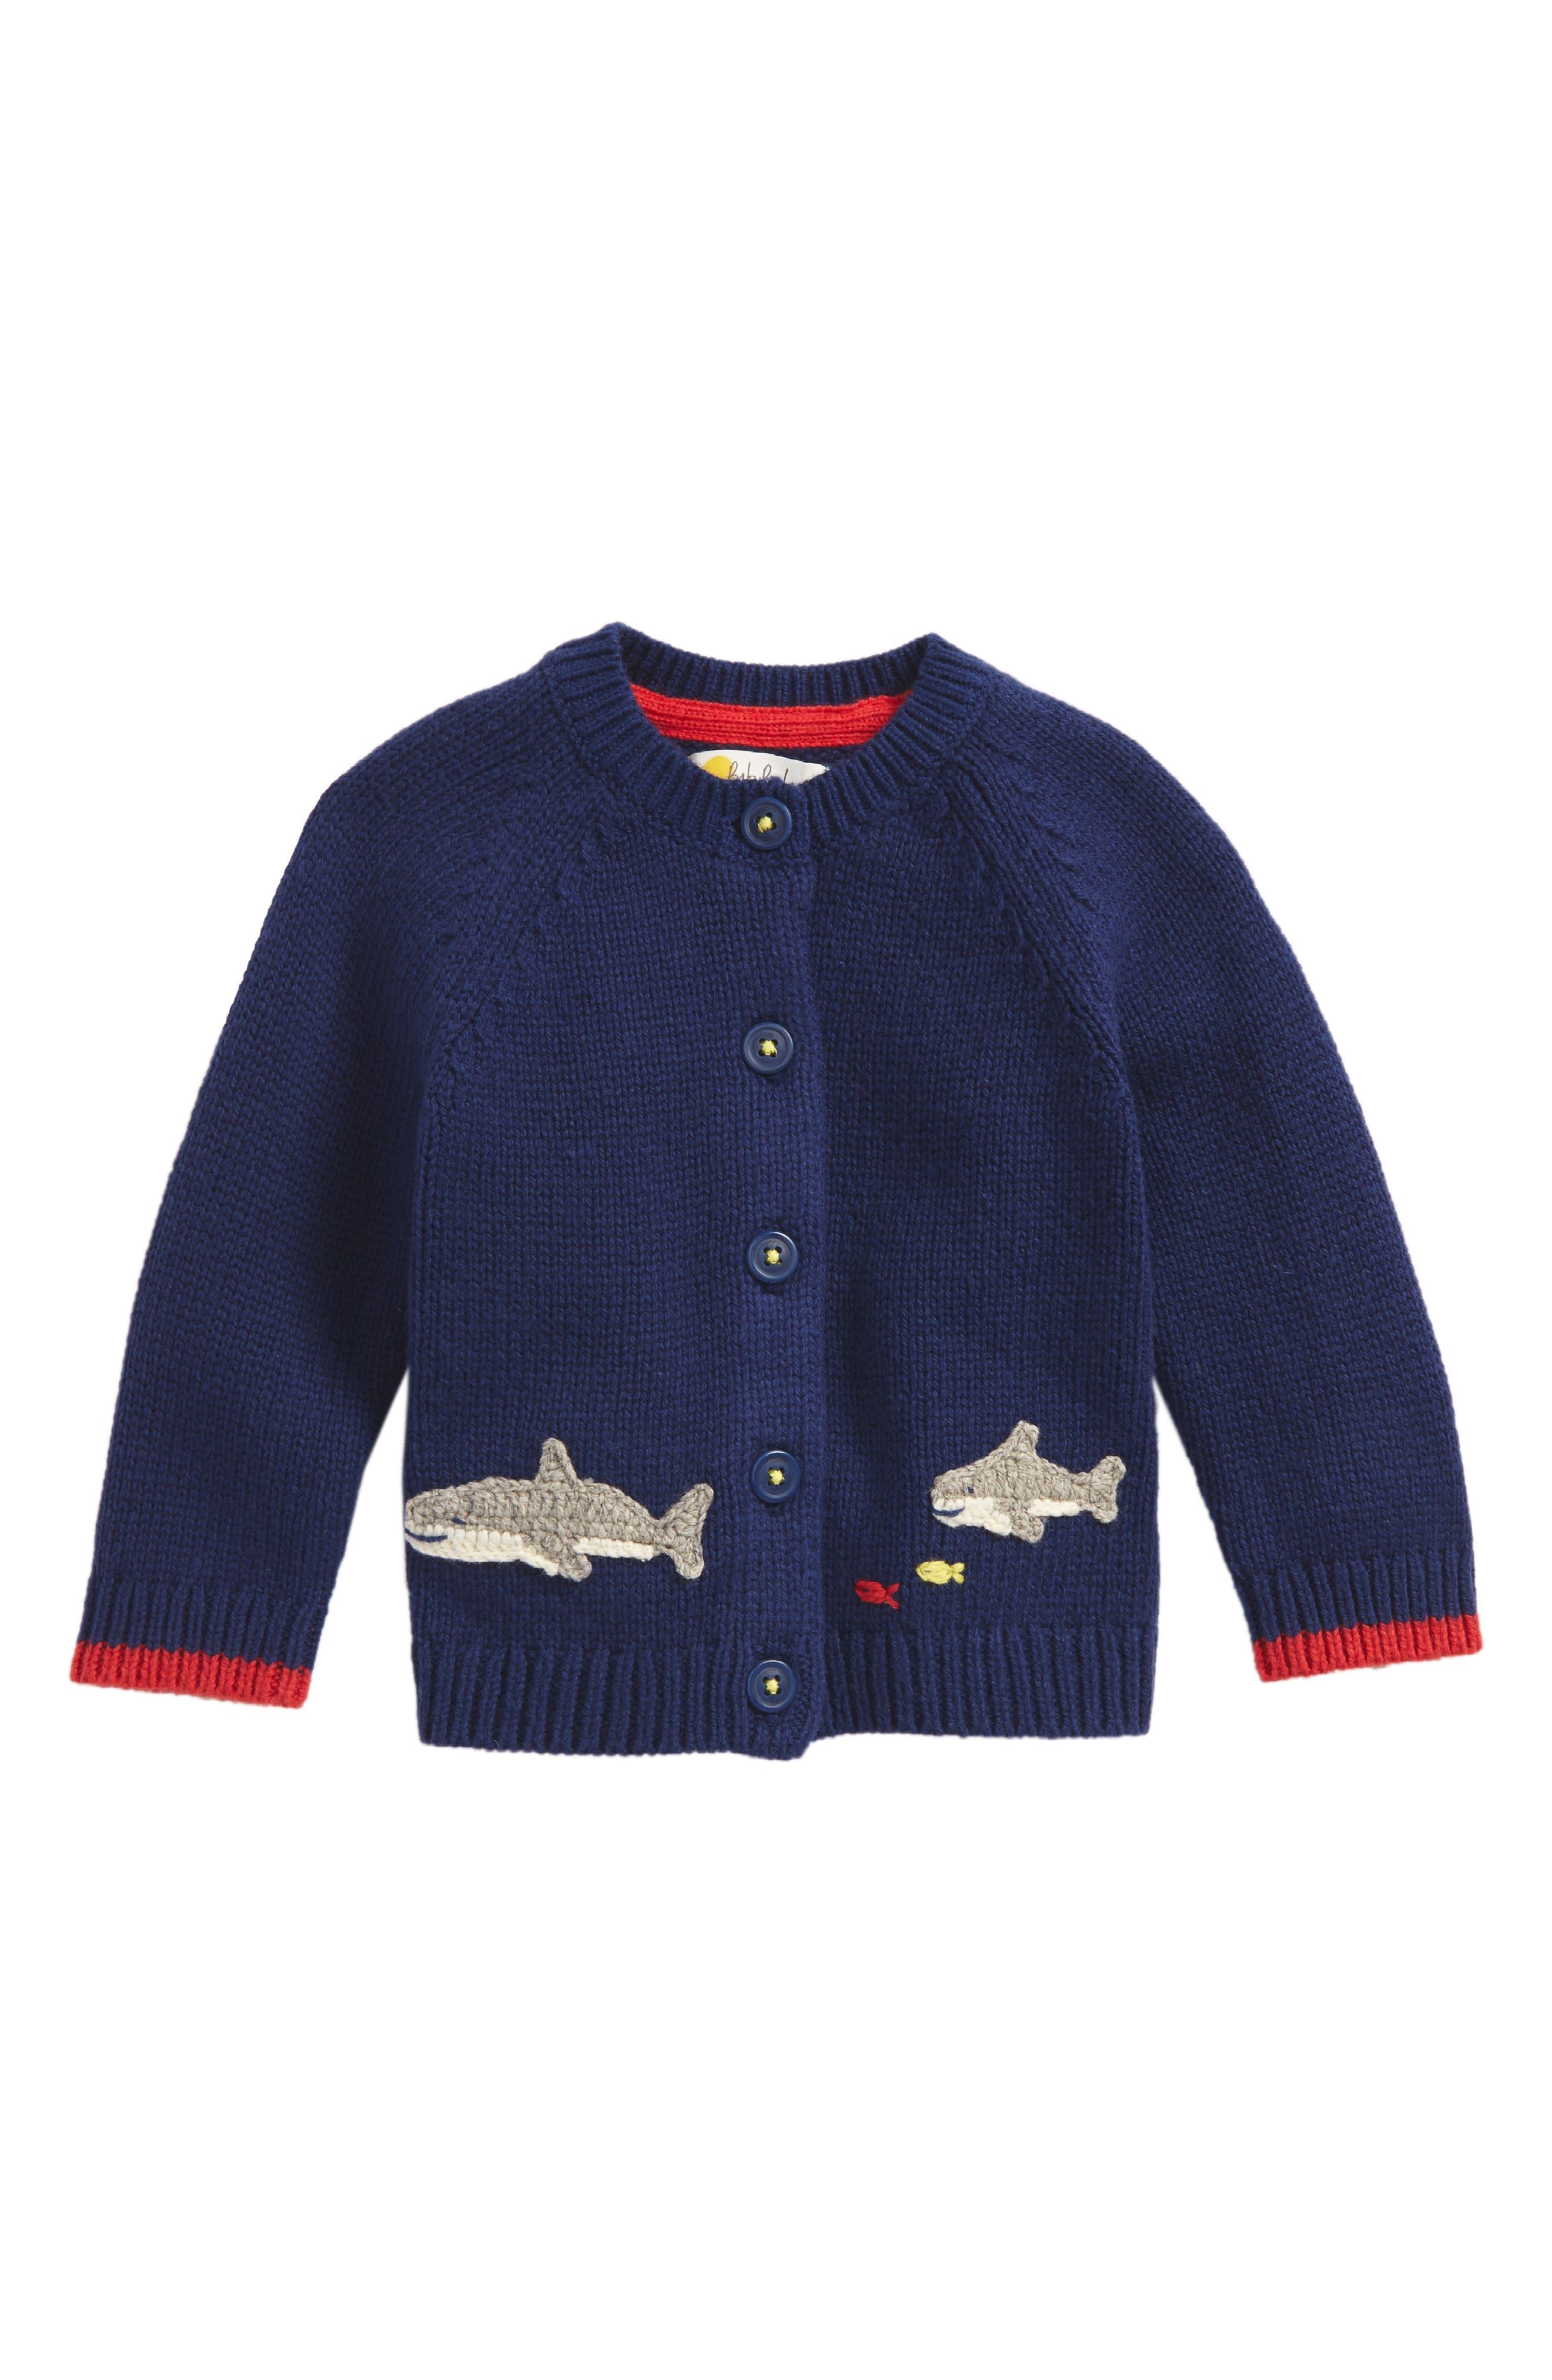 Sea Creature Sweater Cardigan,                         Main,                         color, 424